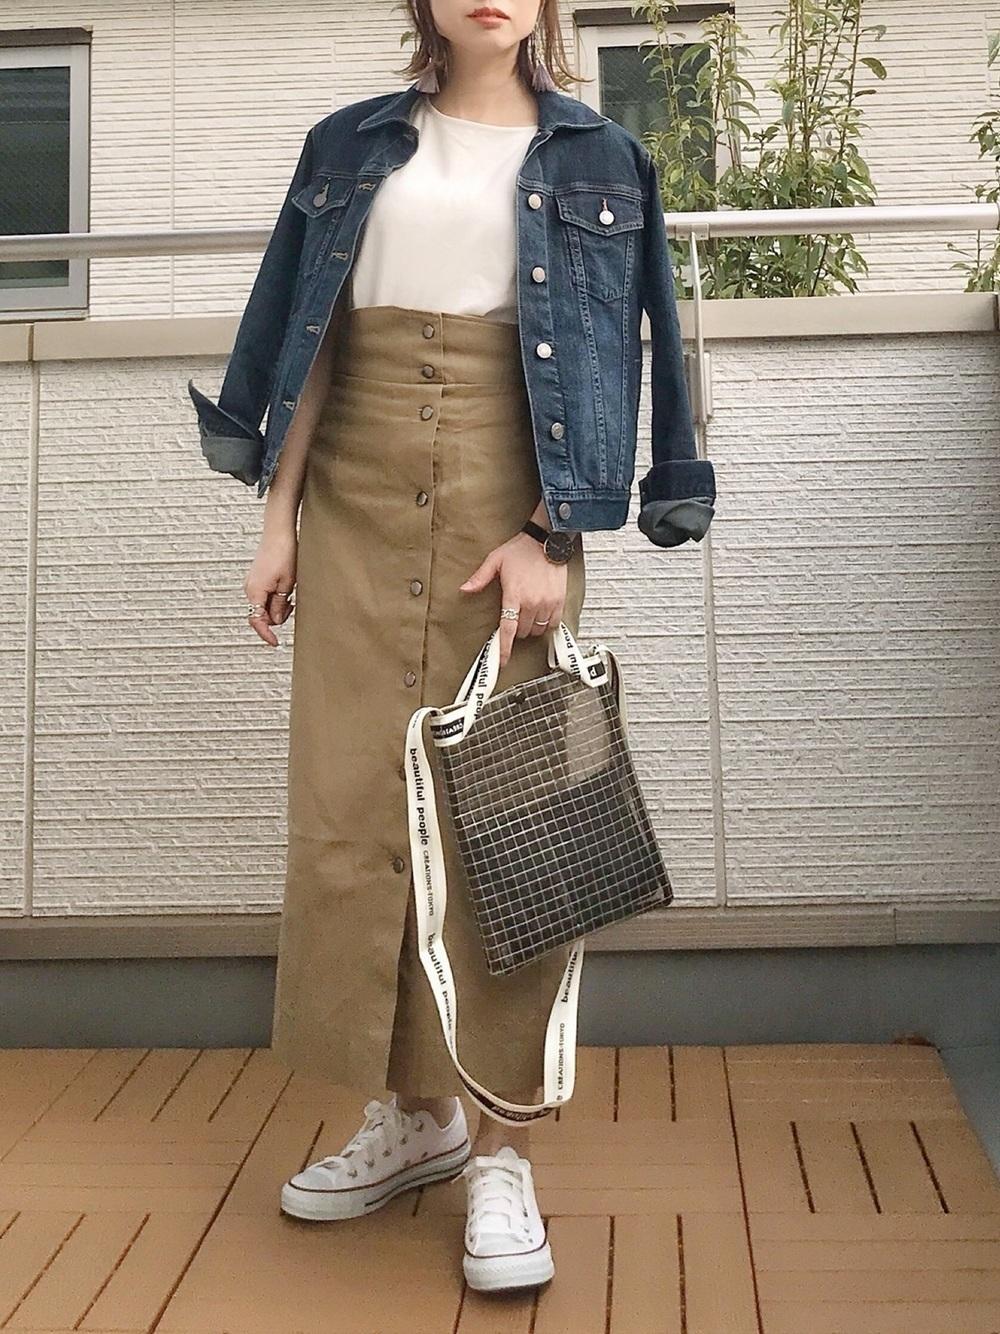 """【保存版】カレもメロメロ…""""愛される""""デートの服装をマスター♡の22枚目の画像"""